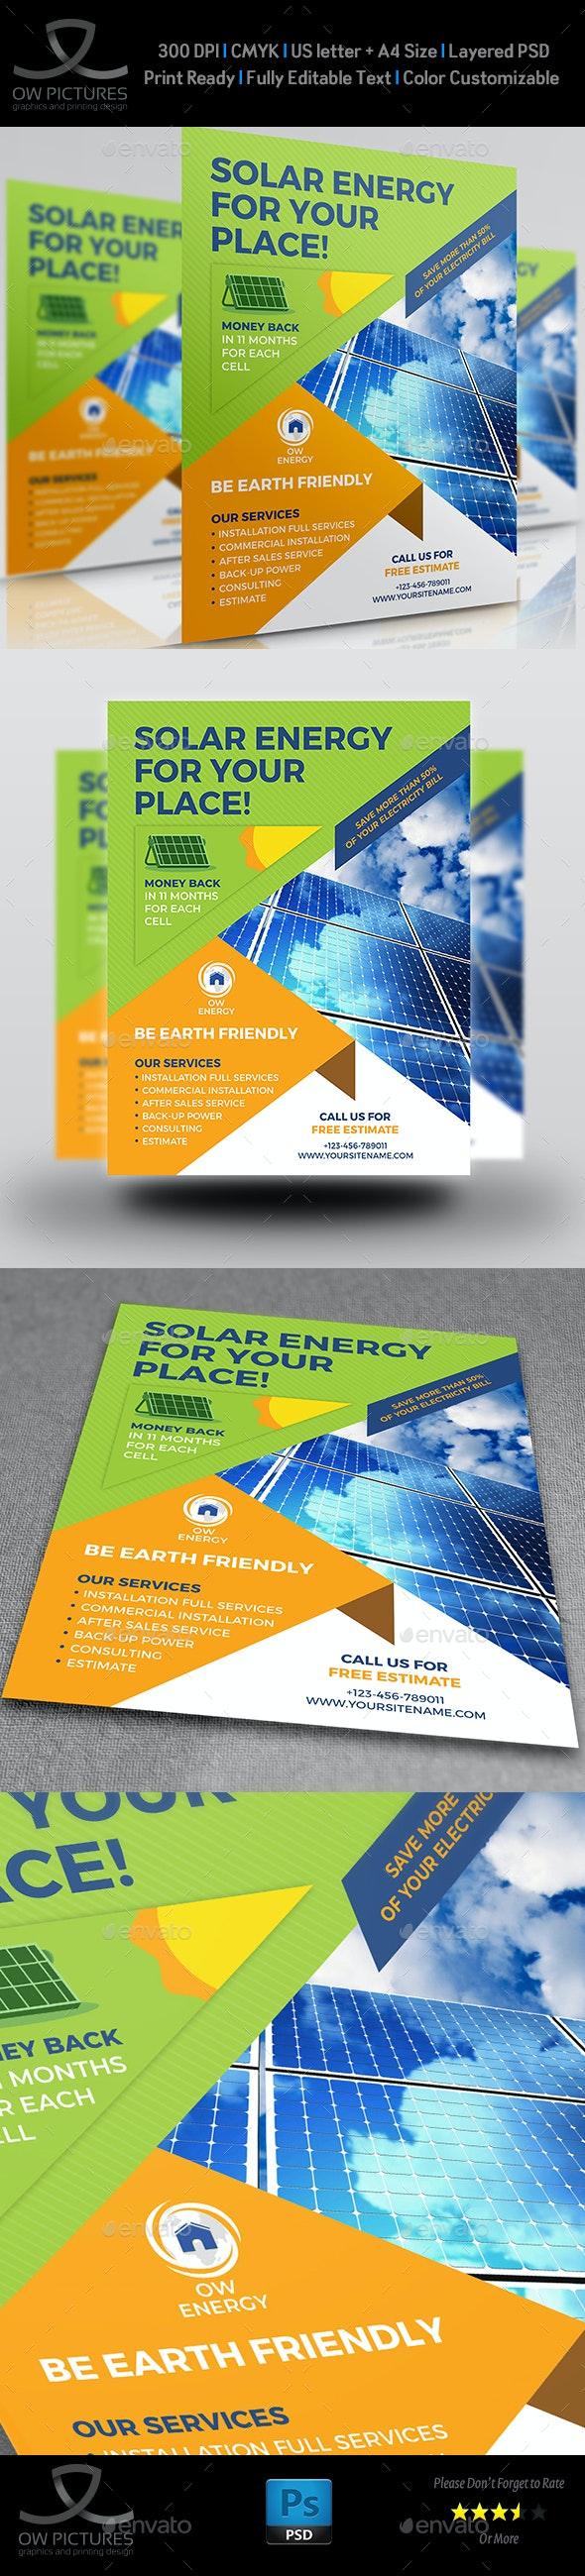 Solar Energy Flyer Templates - Flyers Print Templates